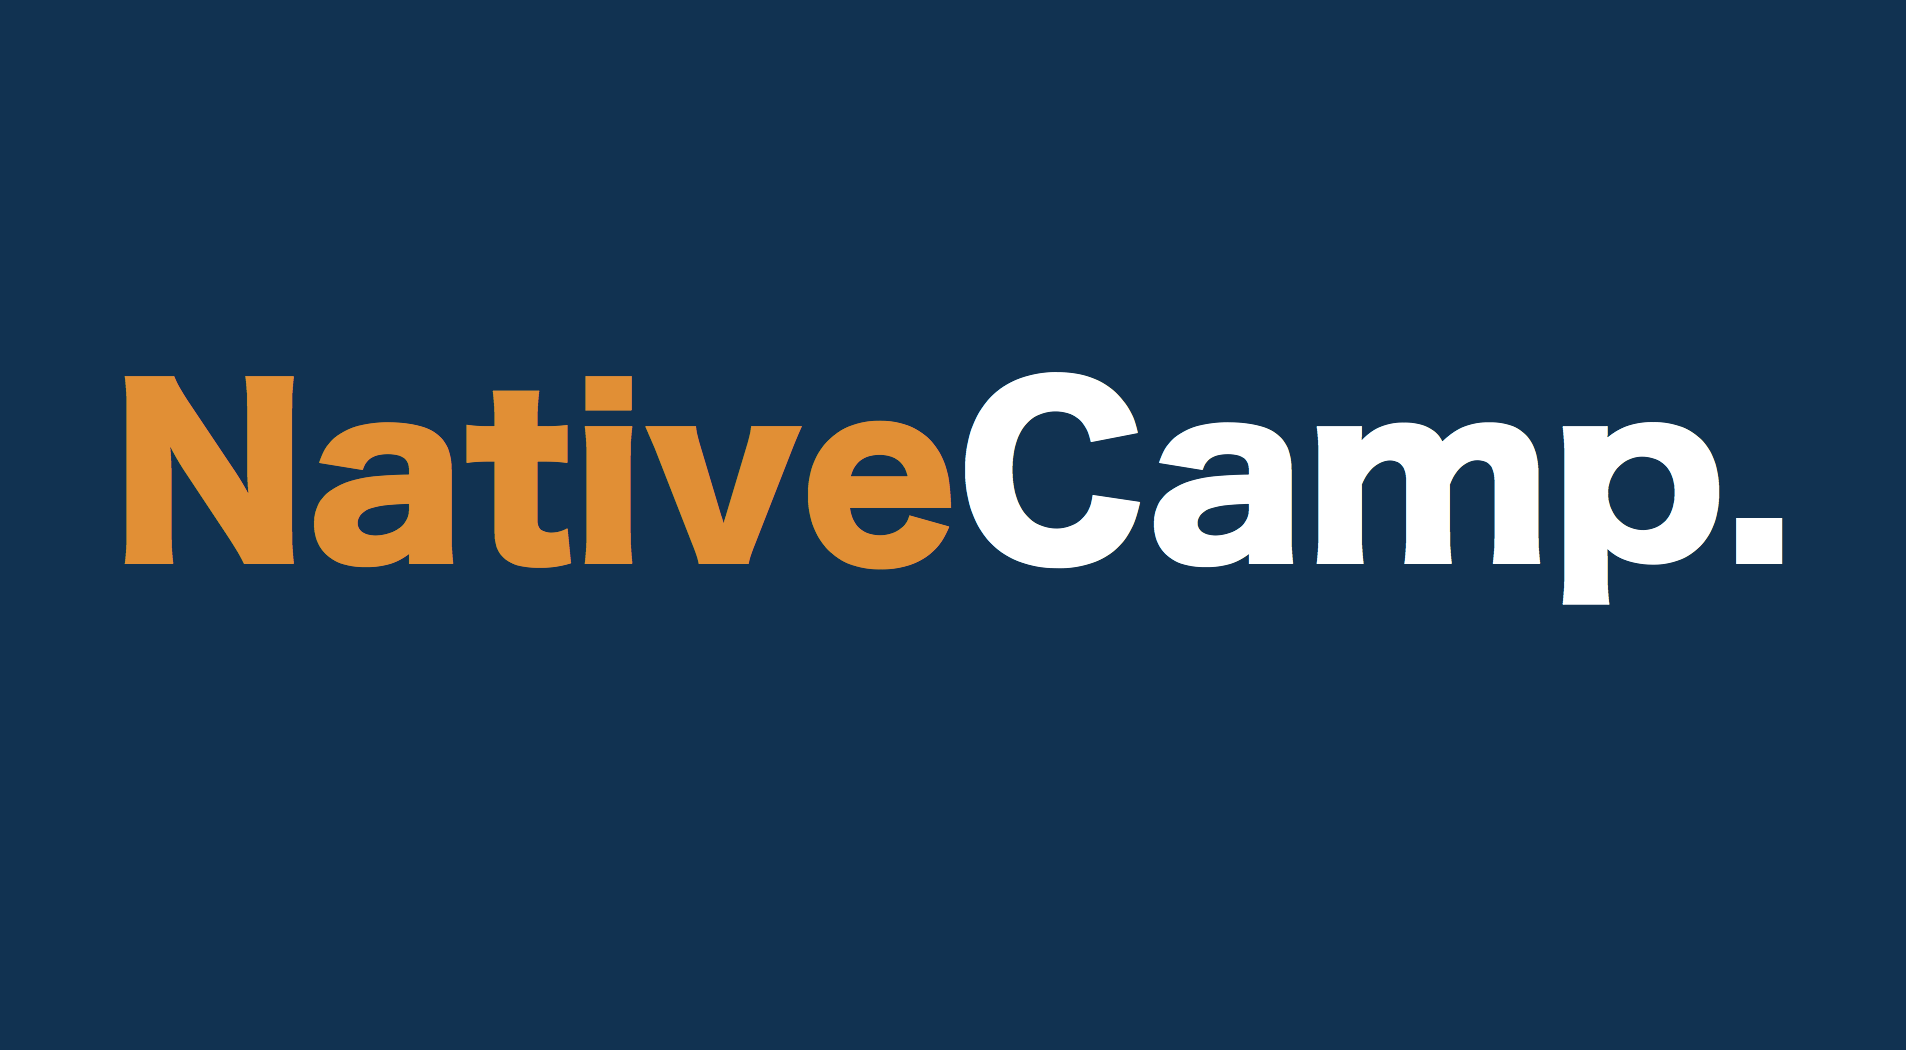 ネイティブキャンプとは?